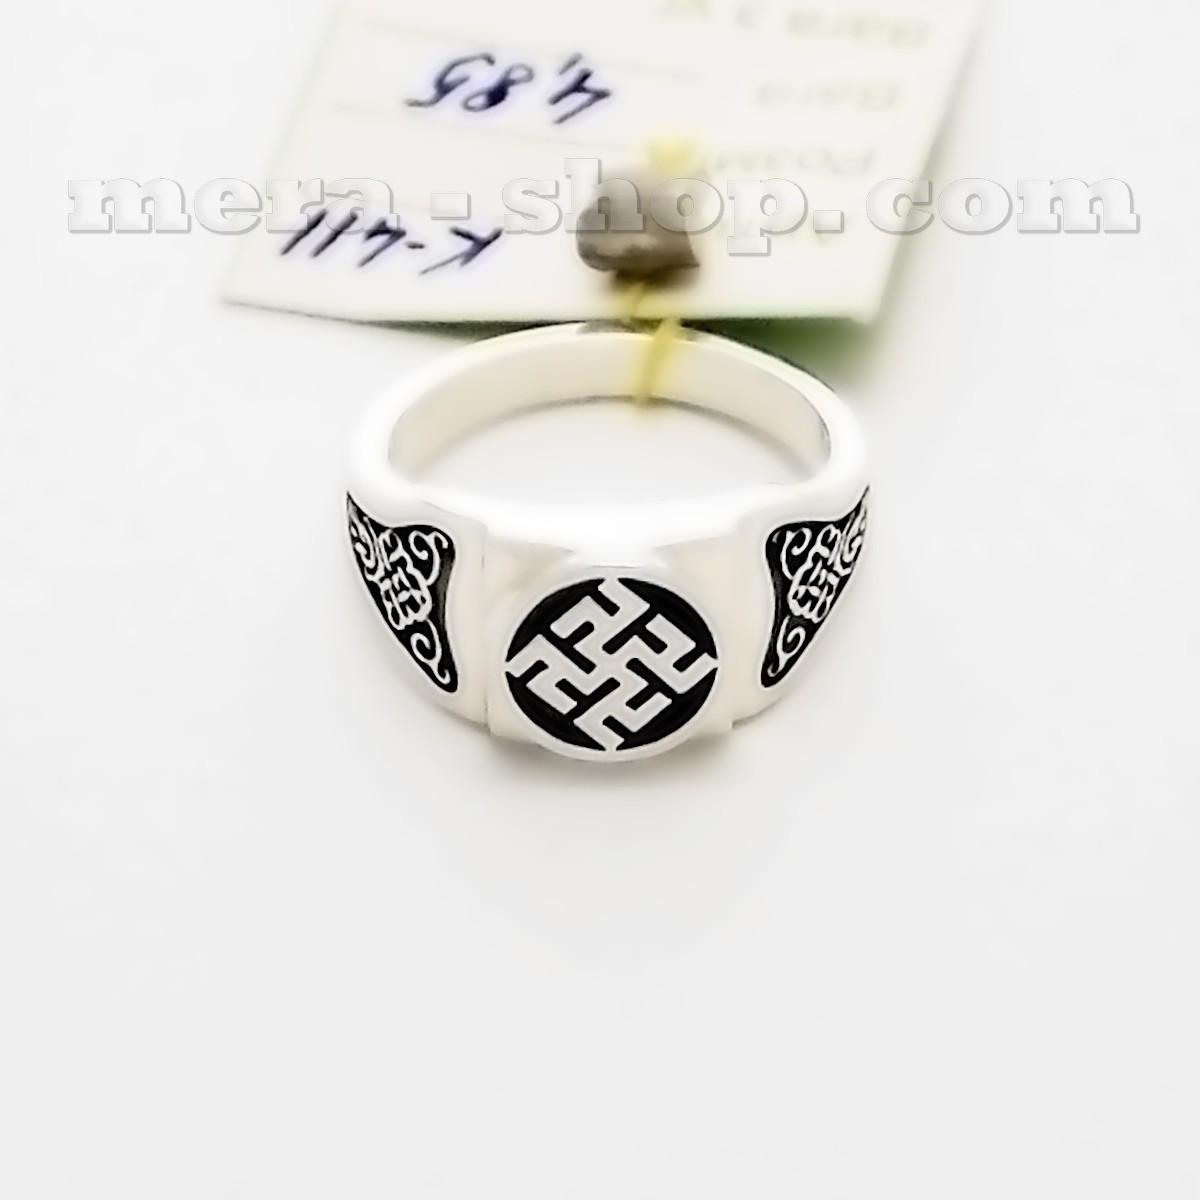 Одолень Трава серебряный перстень славянский оберег